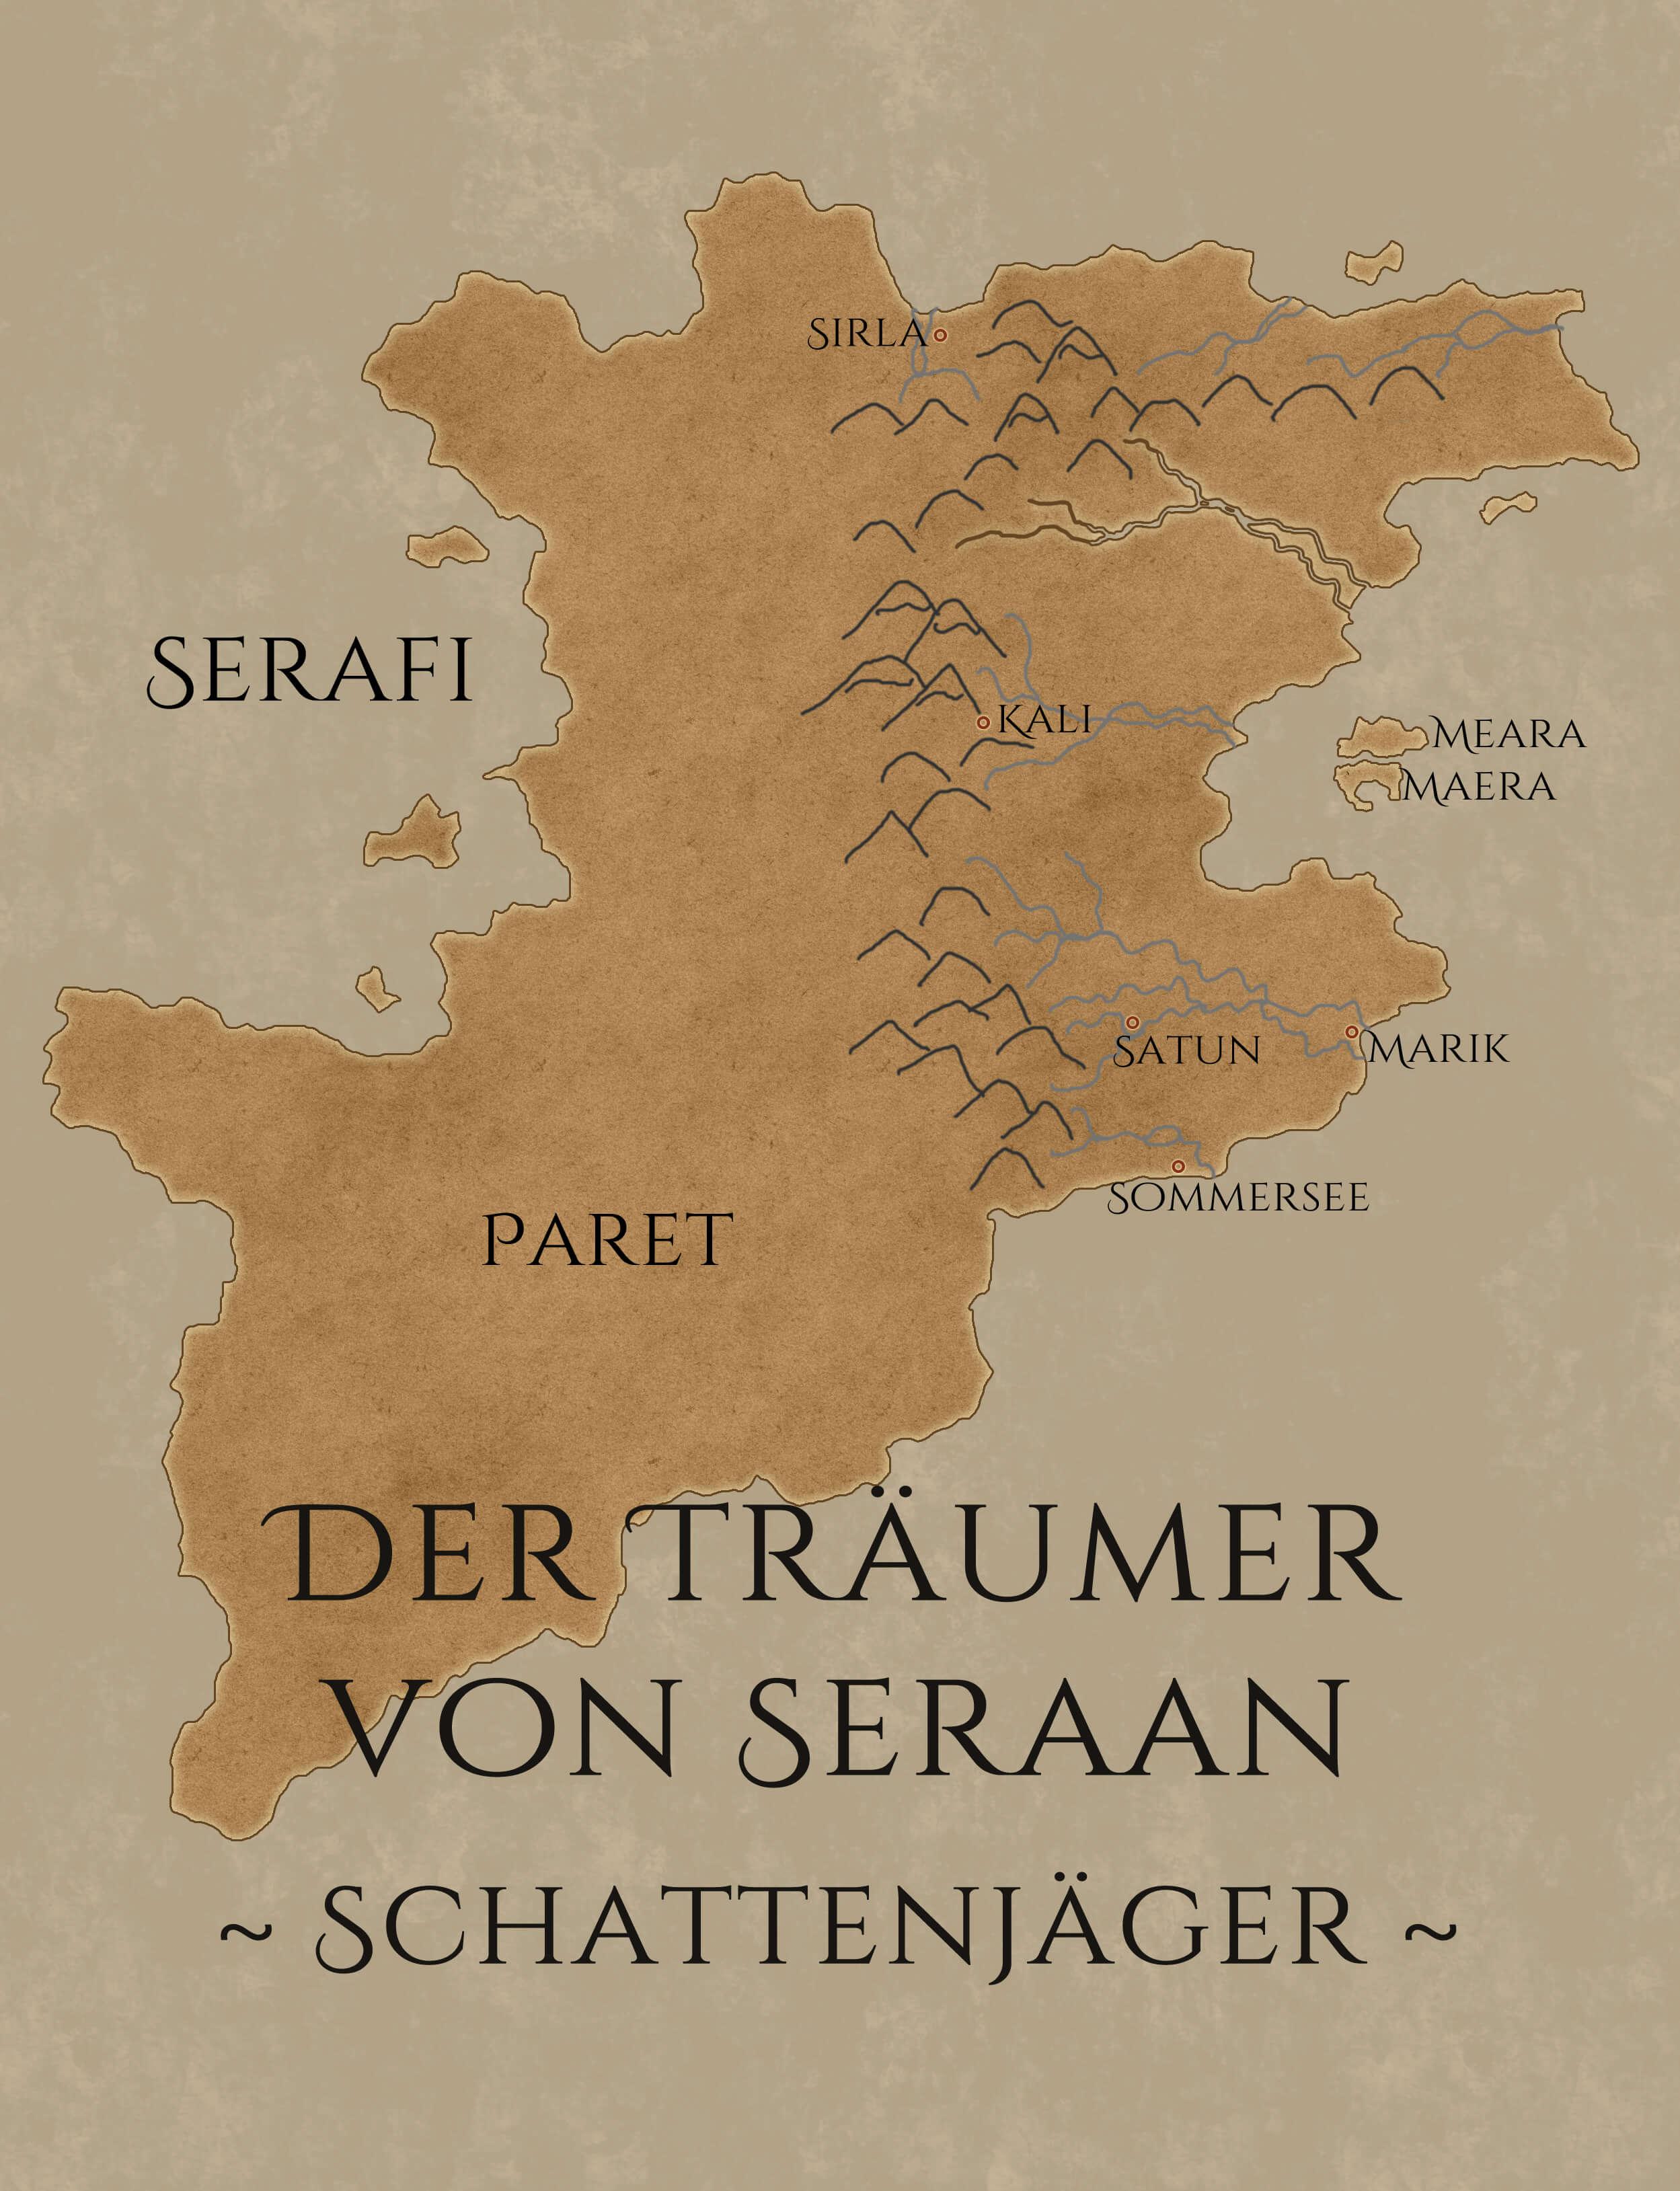 Karte von Serafi und NaNoWriMo-Cover für Schattenläufer